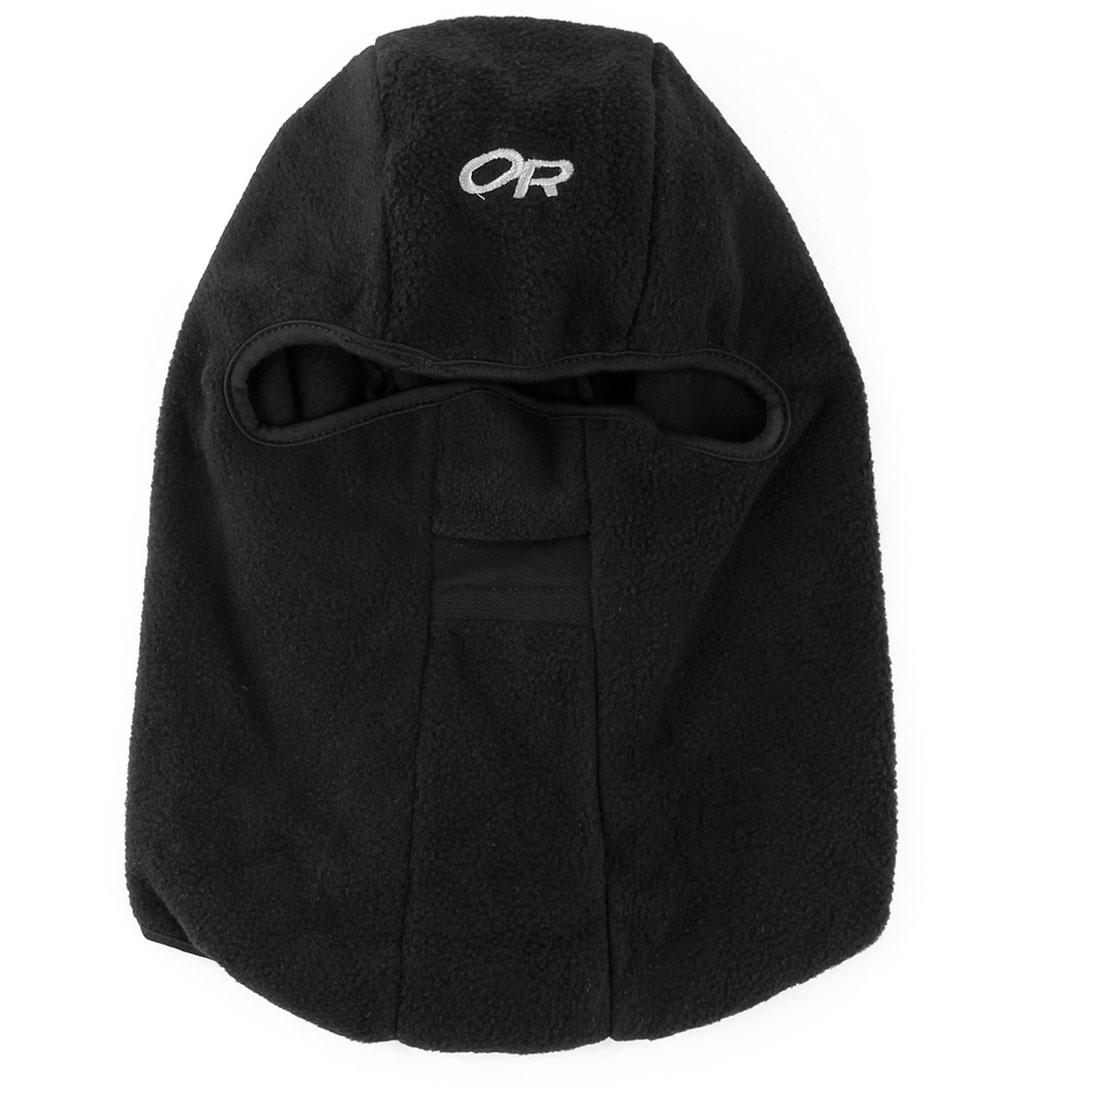 Outdoors Biking Running Fleece Cap Headgear Sunshine Protect